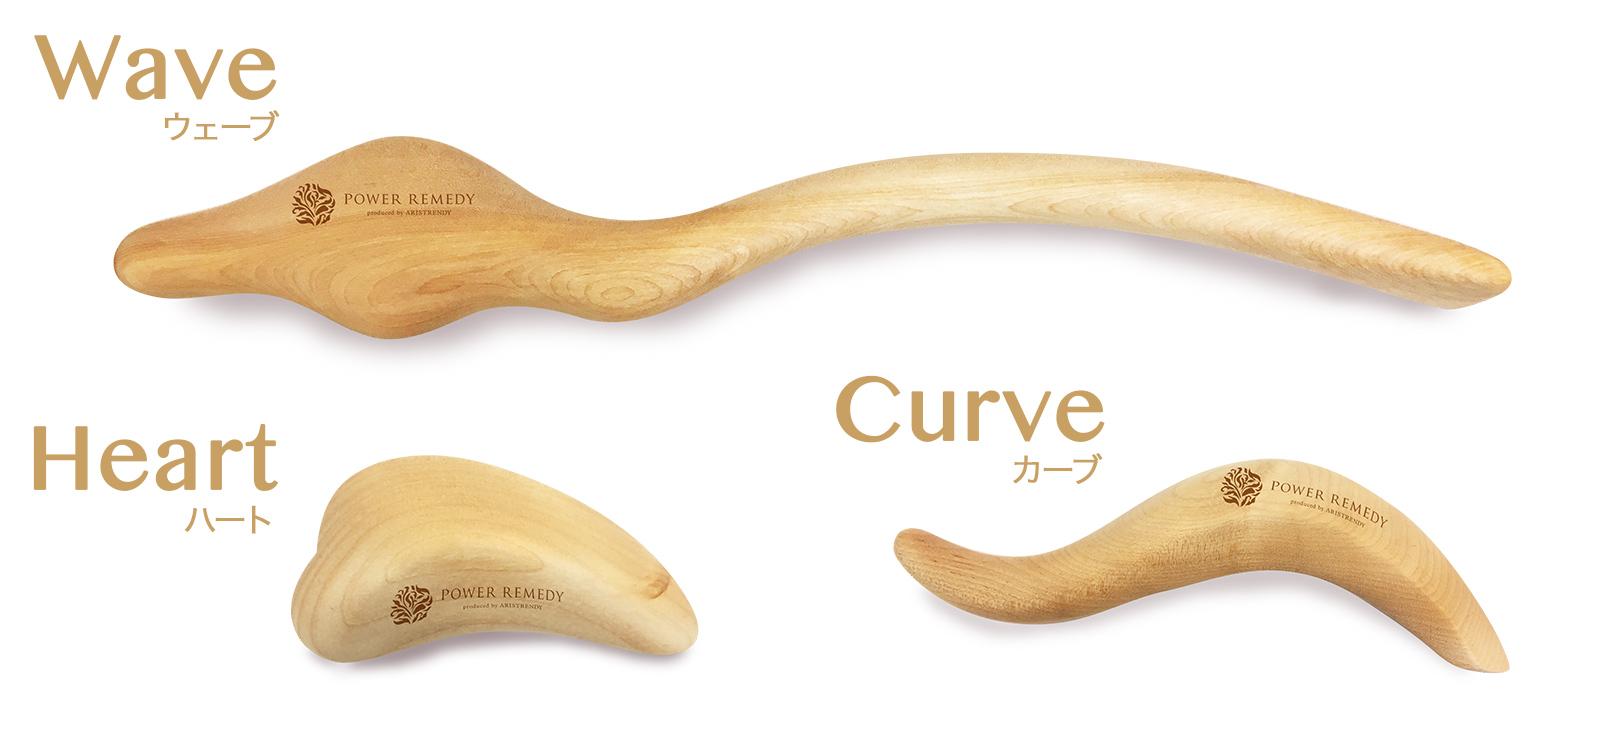 パワーレメディ 3種のツリーがエステティシャンの手を再現